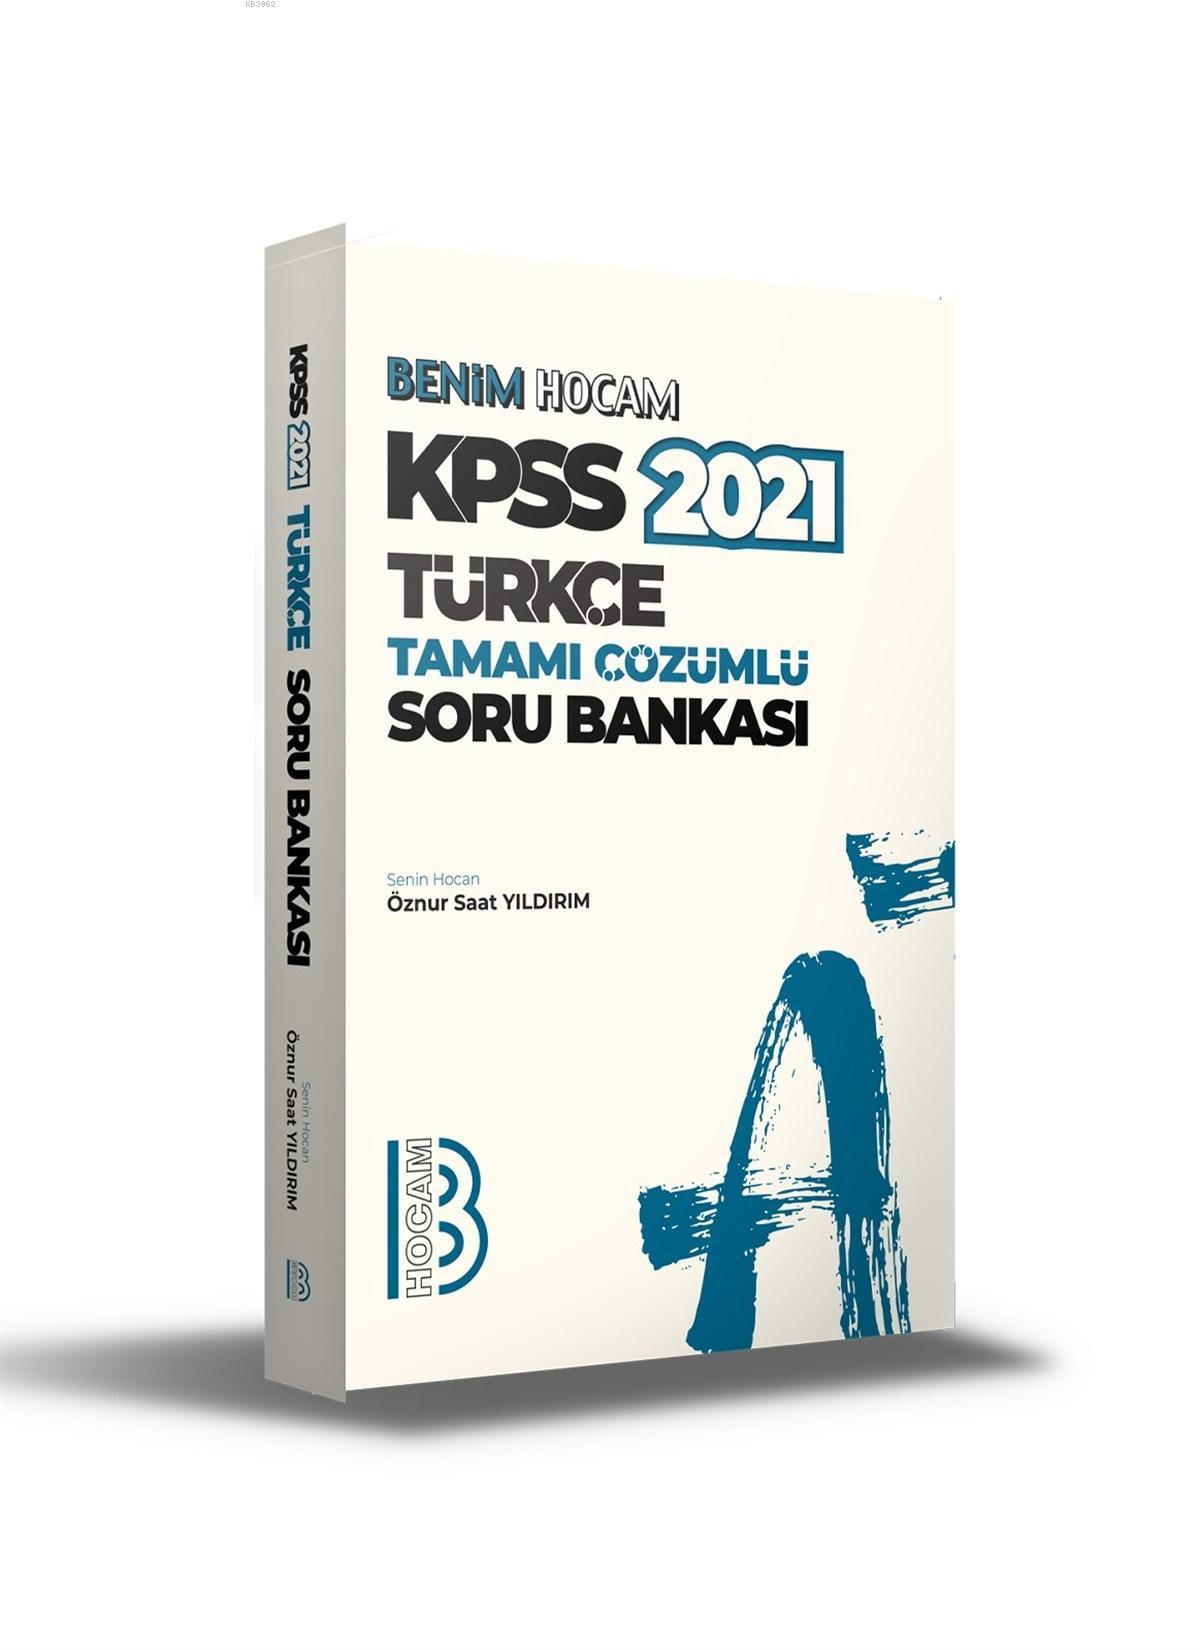 2021 KPSS Türkçe Tamamı Çözümlü Soru Bankası Benim Hocam Yayınları